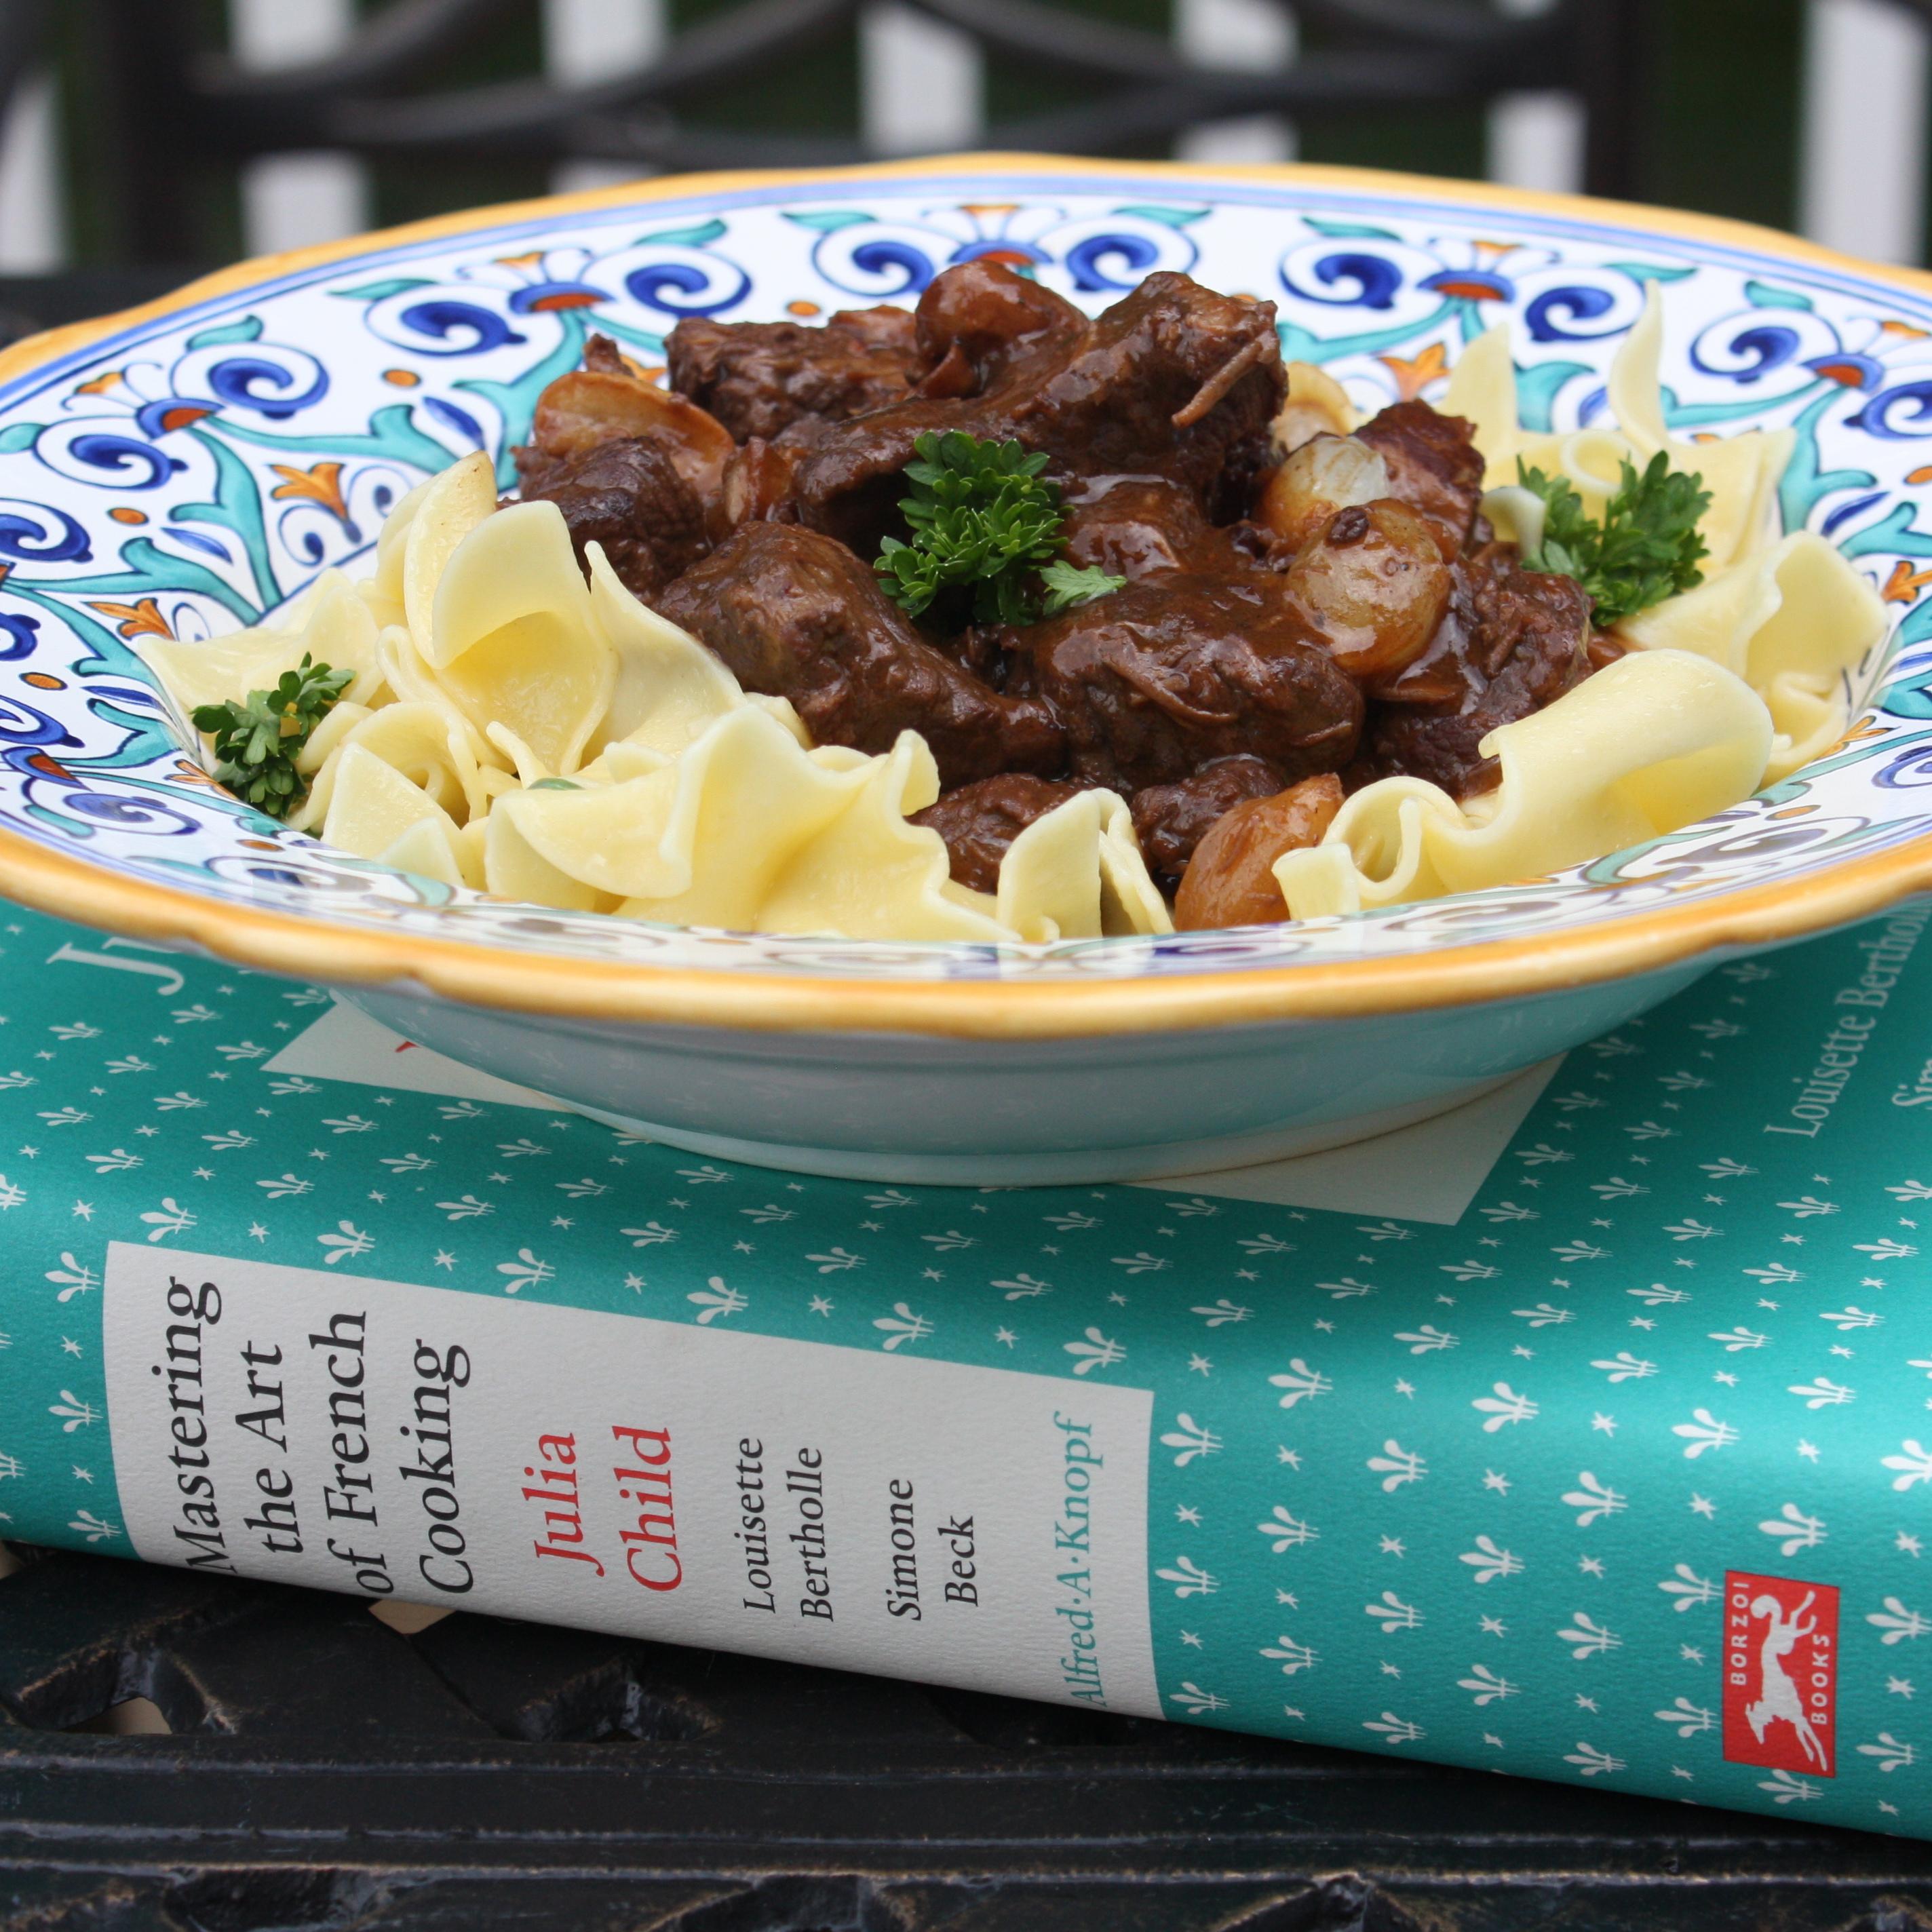 Boeuf Bourguignon A La Julia Child Recipe  Genius Kitchen